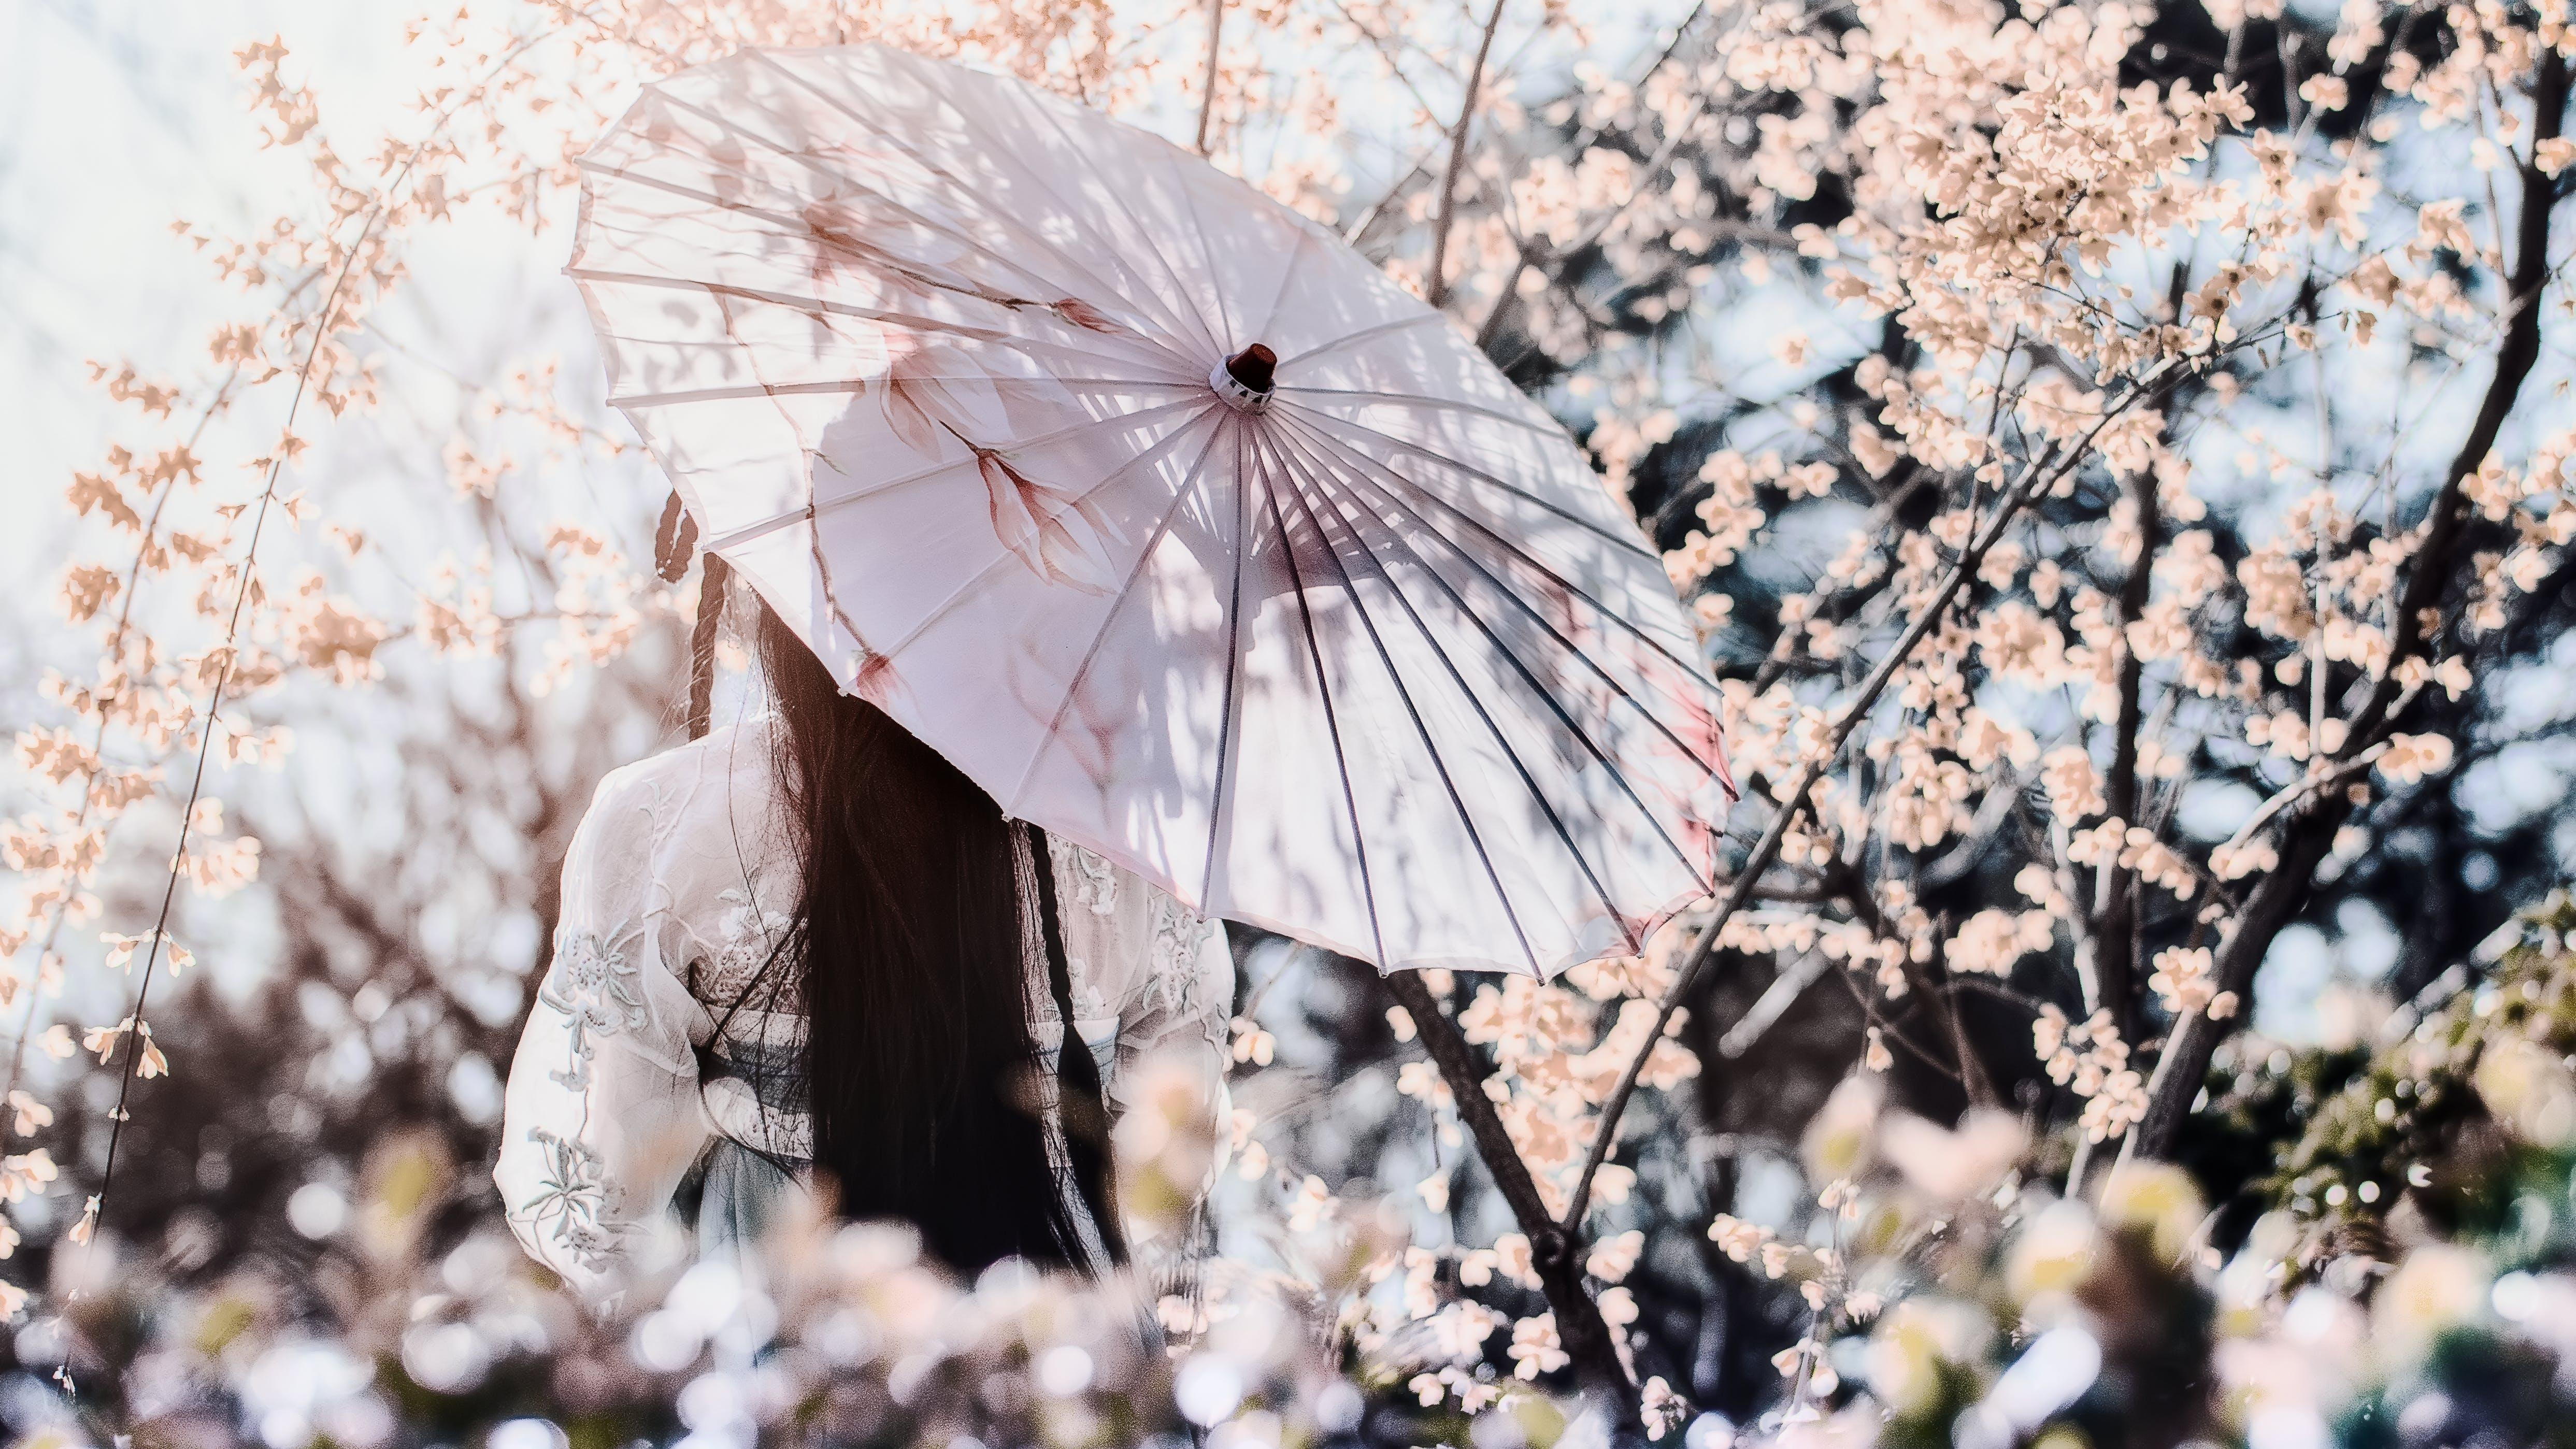 Foto stok gratis bagus, berbunga, berkembang, bunga sakura